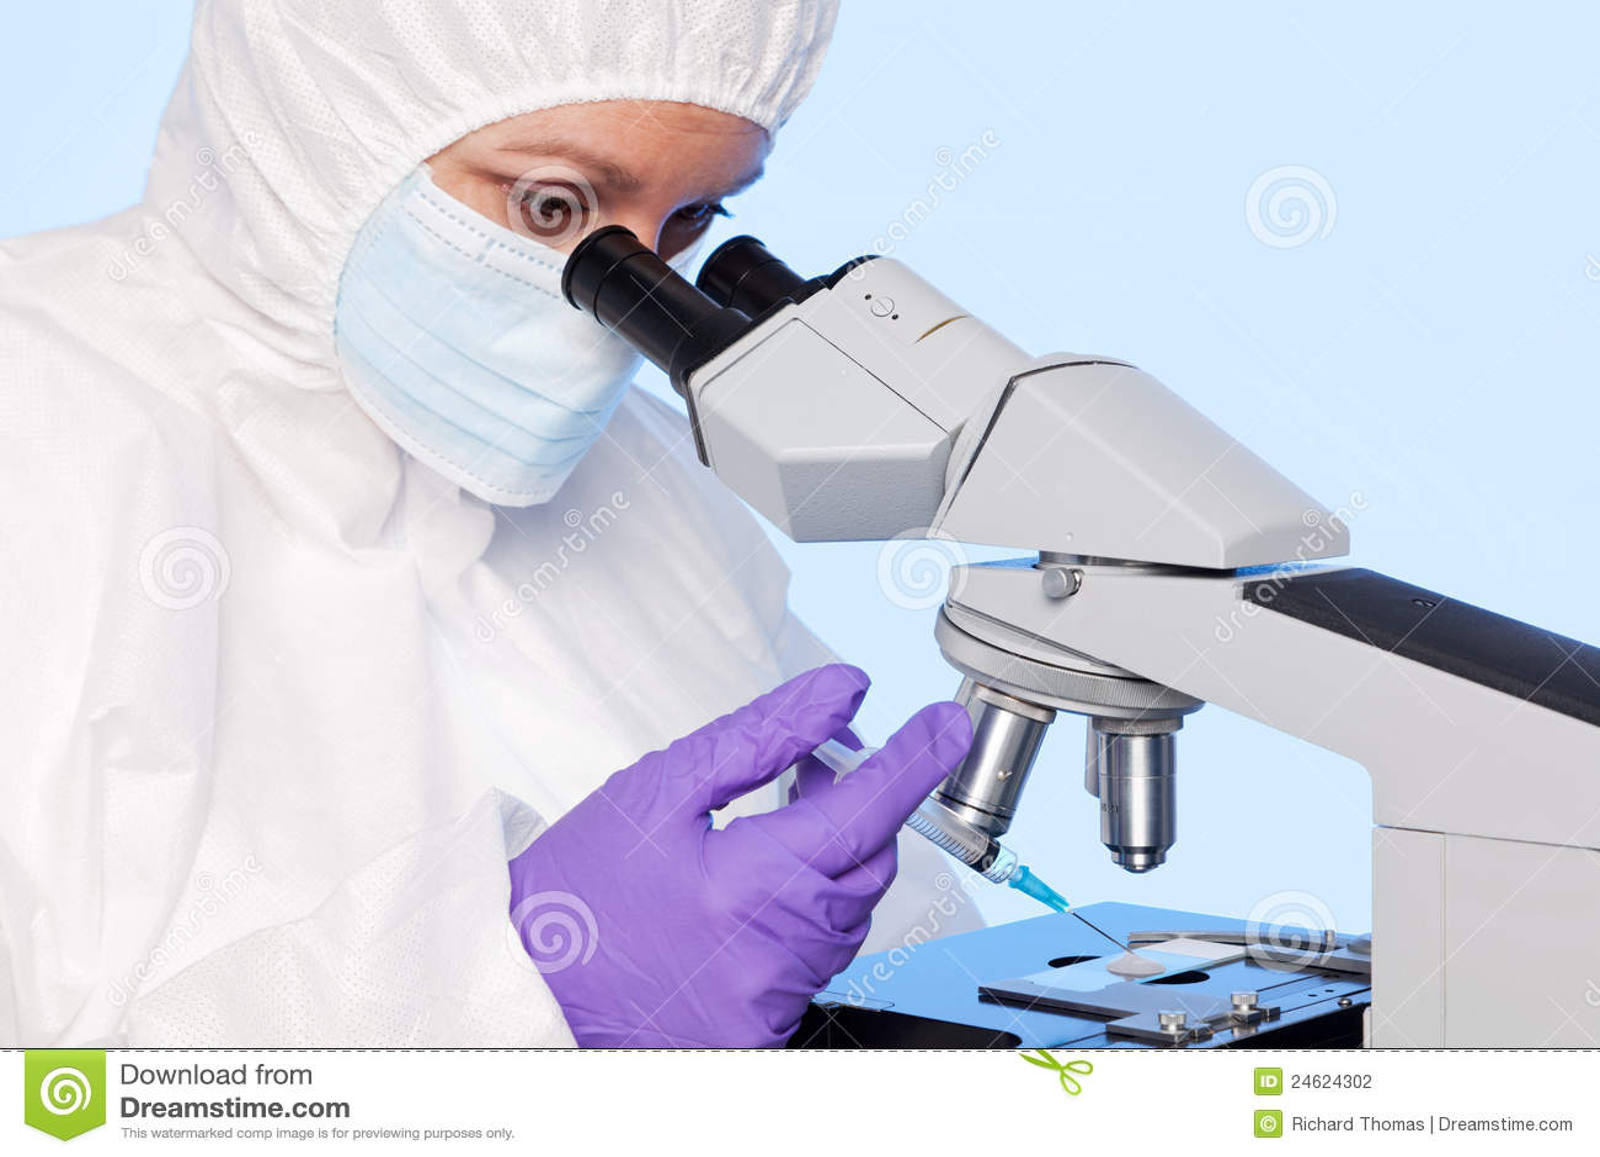 Сперма фото под микроскопом 21 фотография